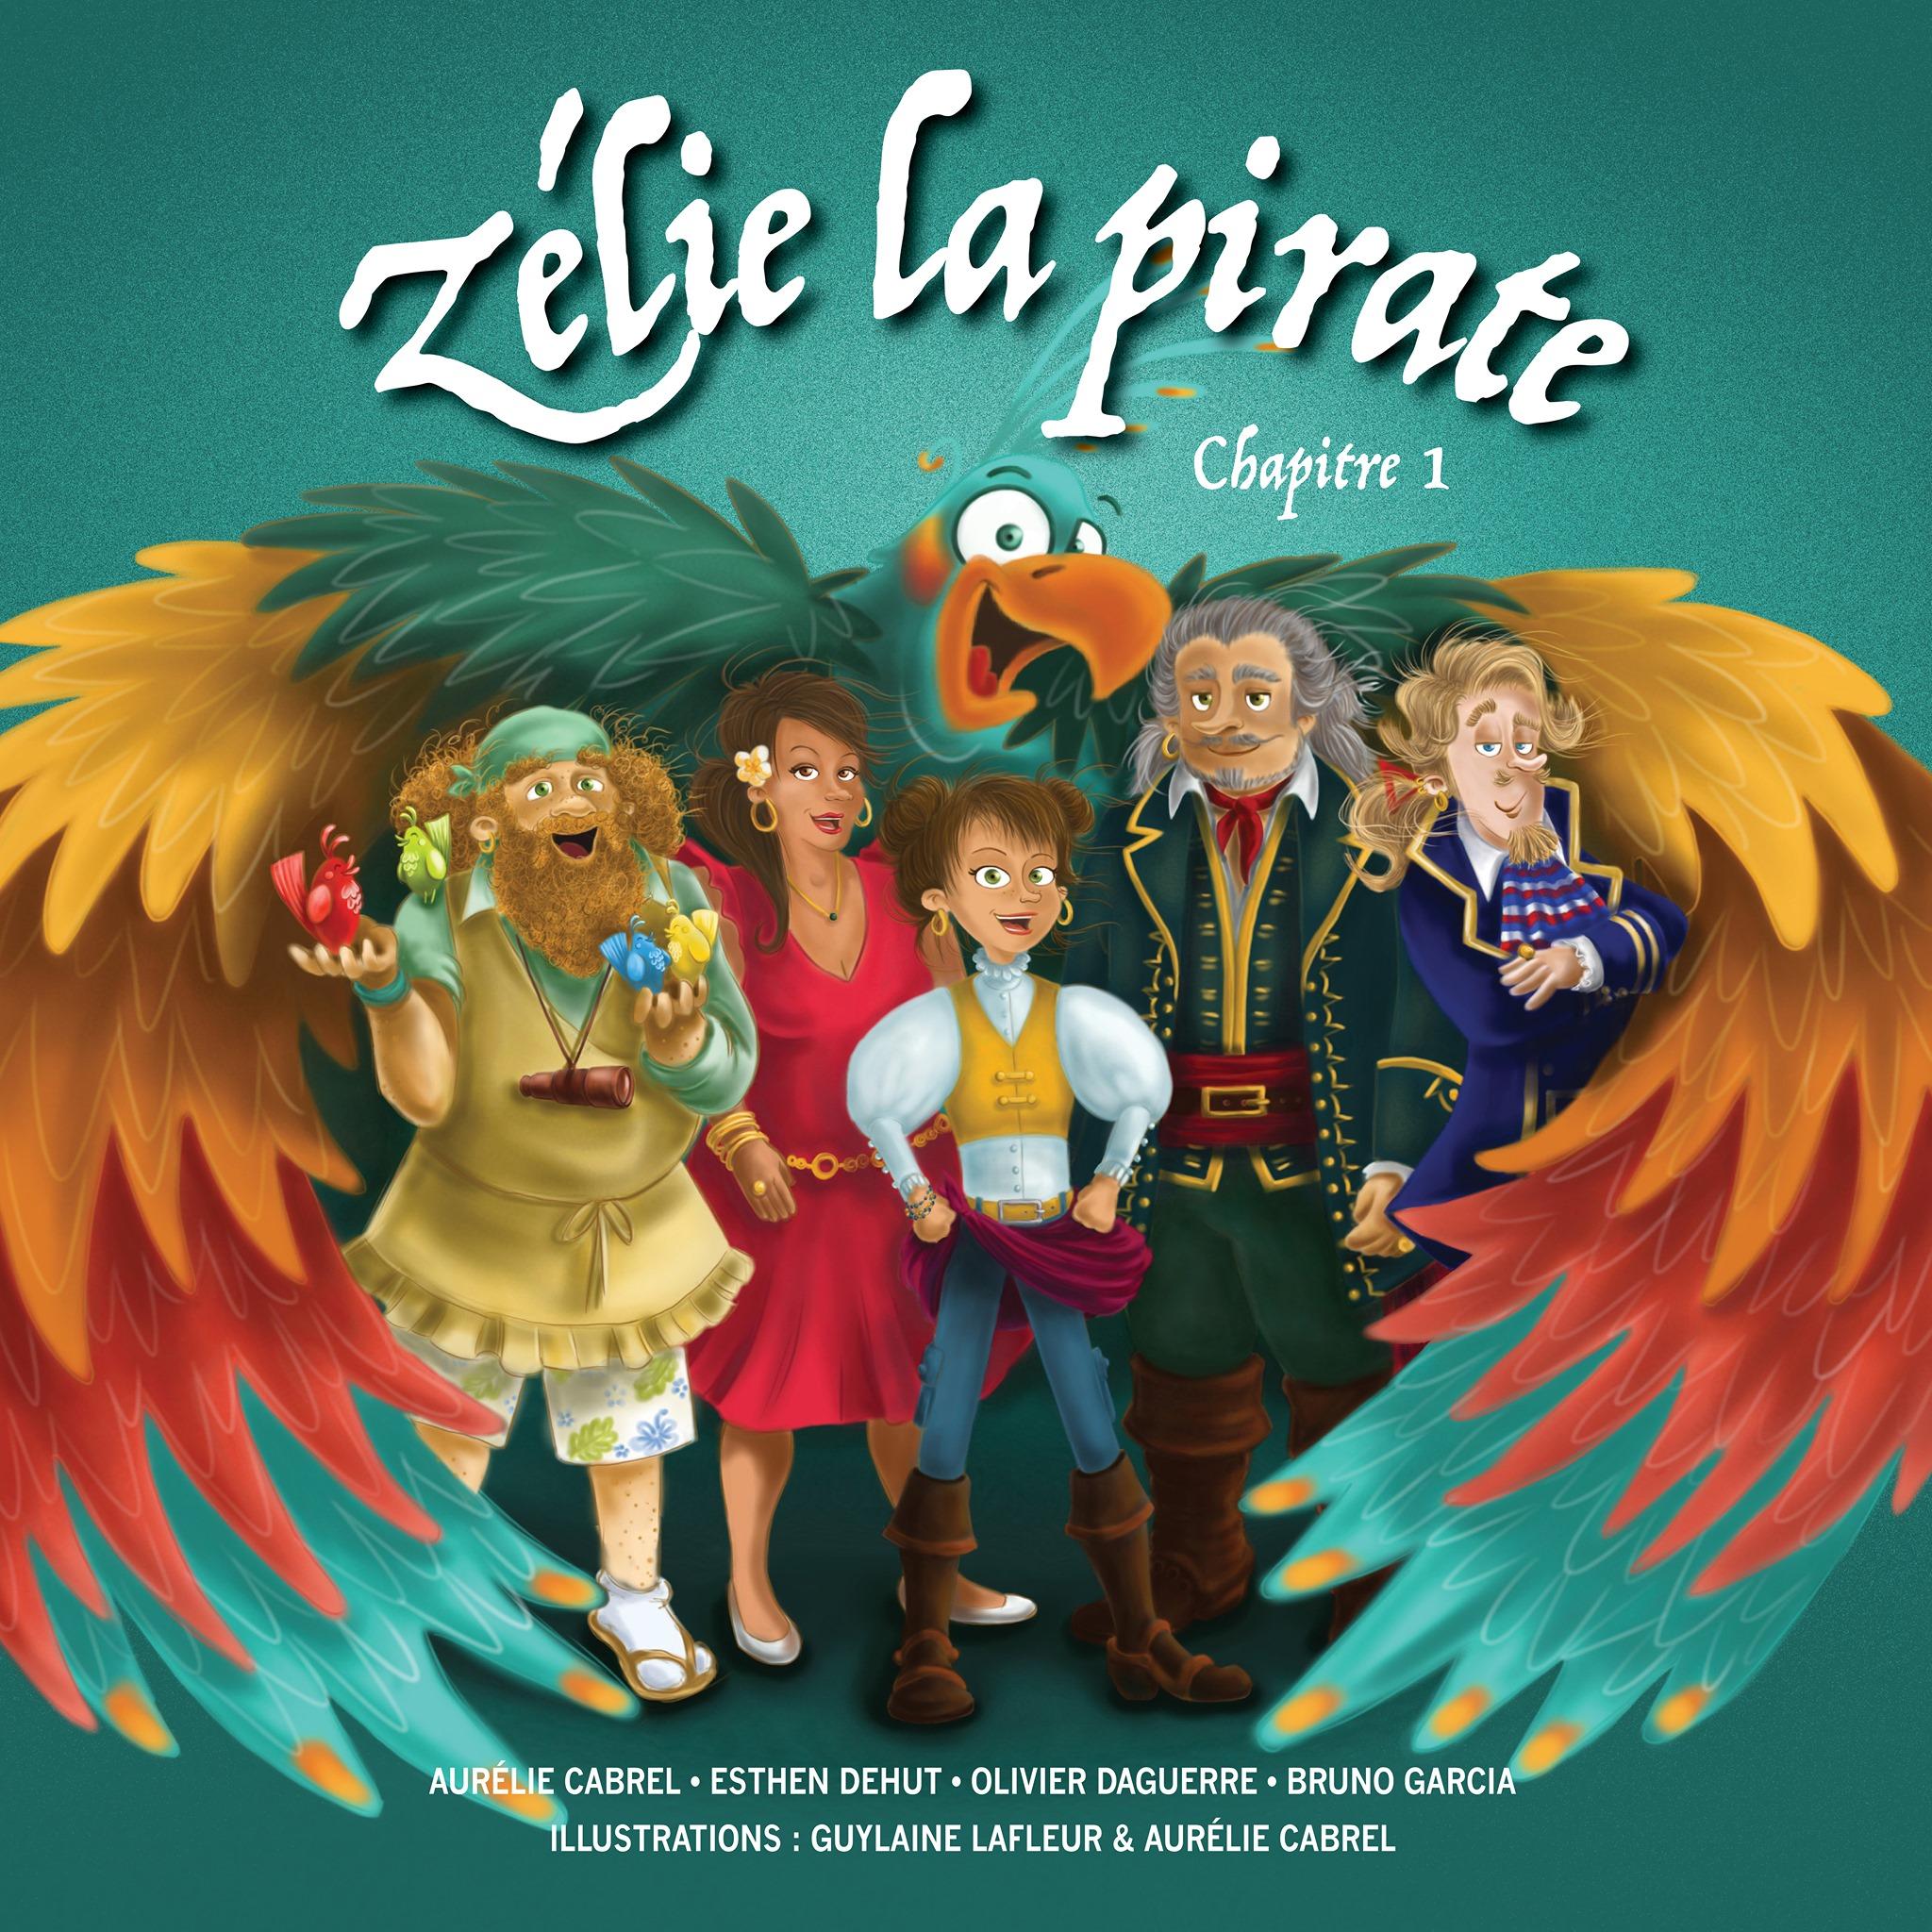 Zélie La Pirate, un conte musical haut en couleur !